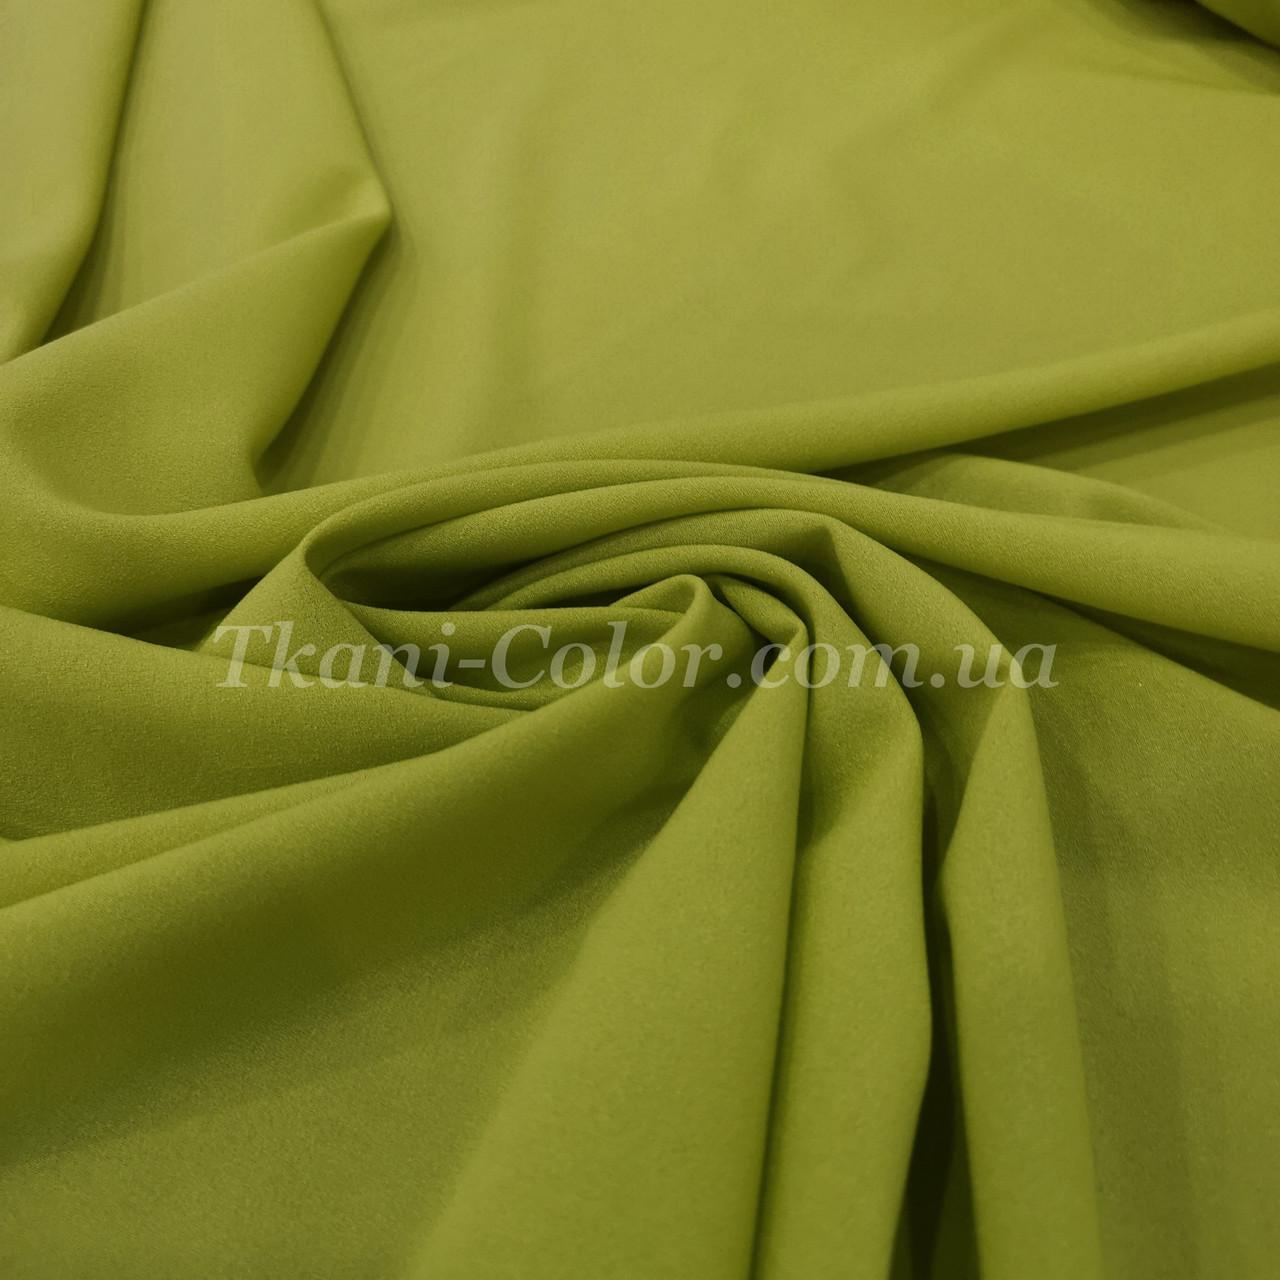 Тканина креп-шифон оливковий